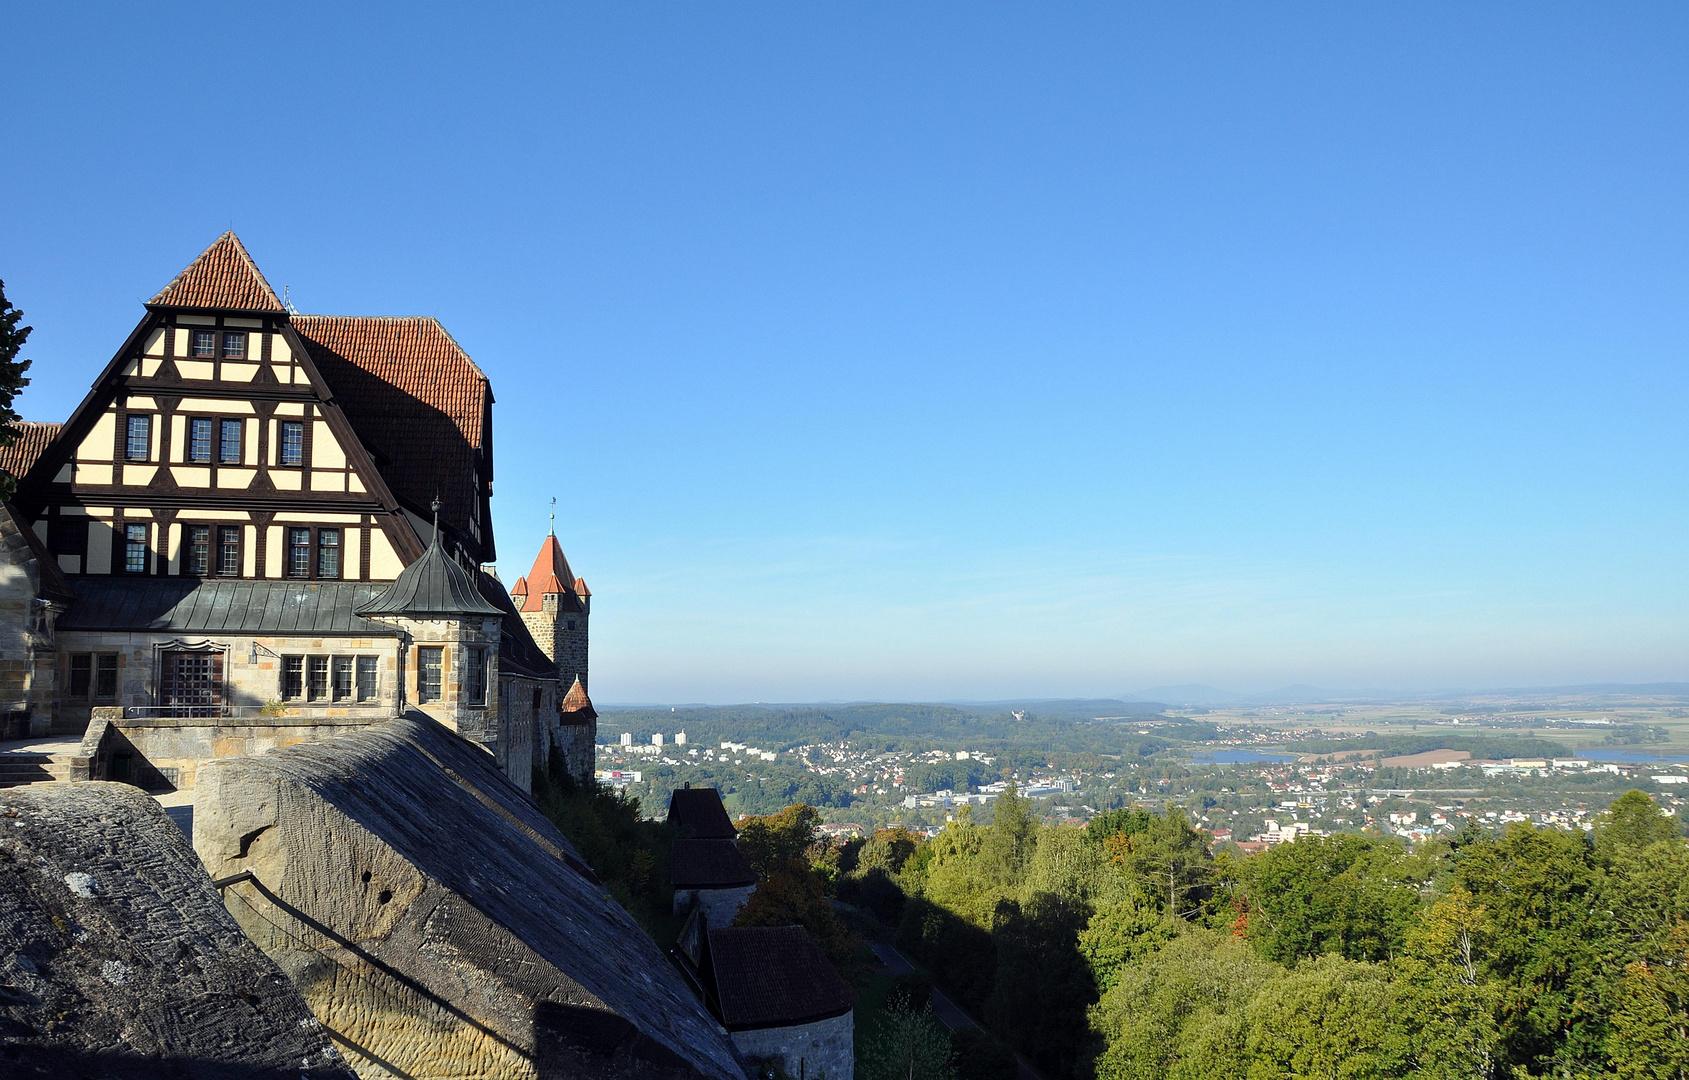 Schloß Veste in Coburg mit Blick auf die Stadt